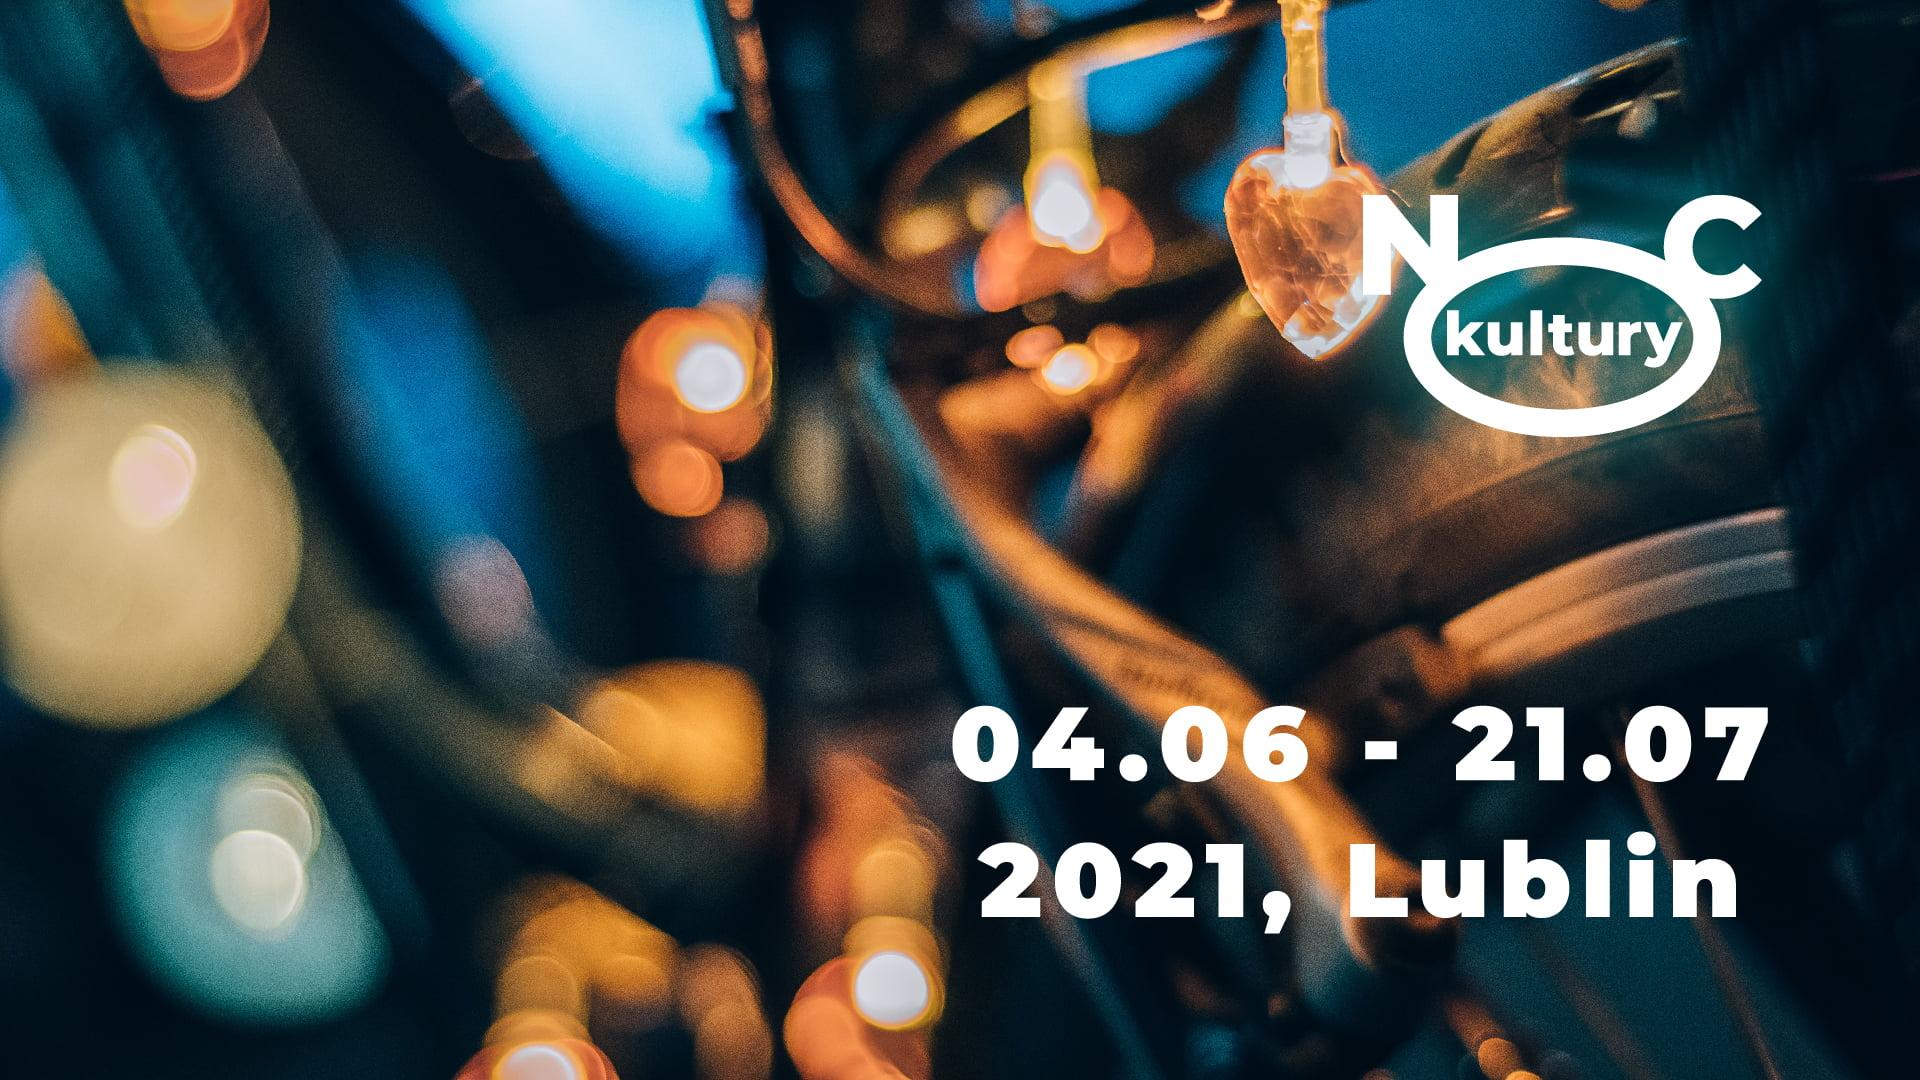 Noc Kultury 04.06 - 21.07 2021, Lublin